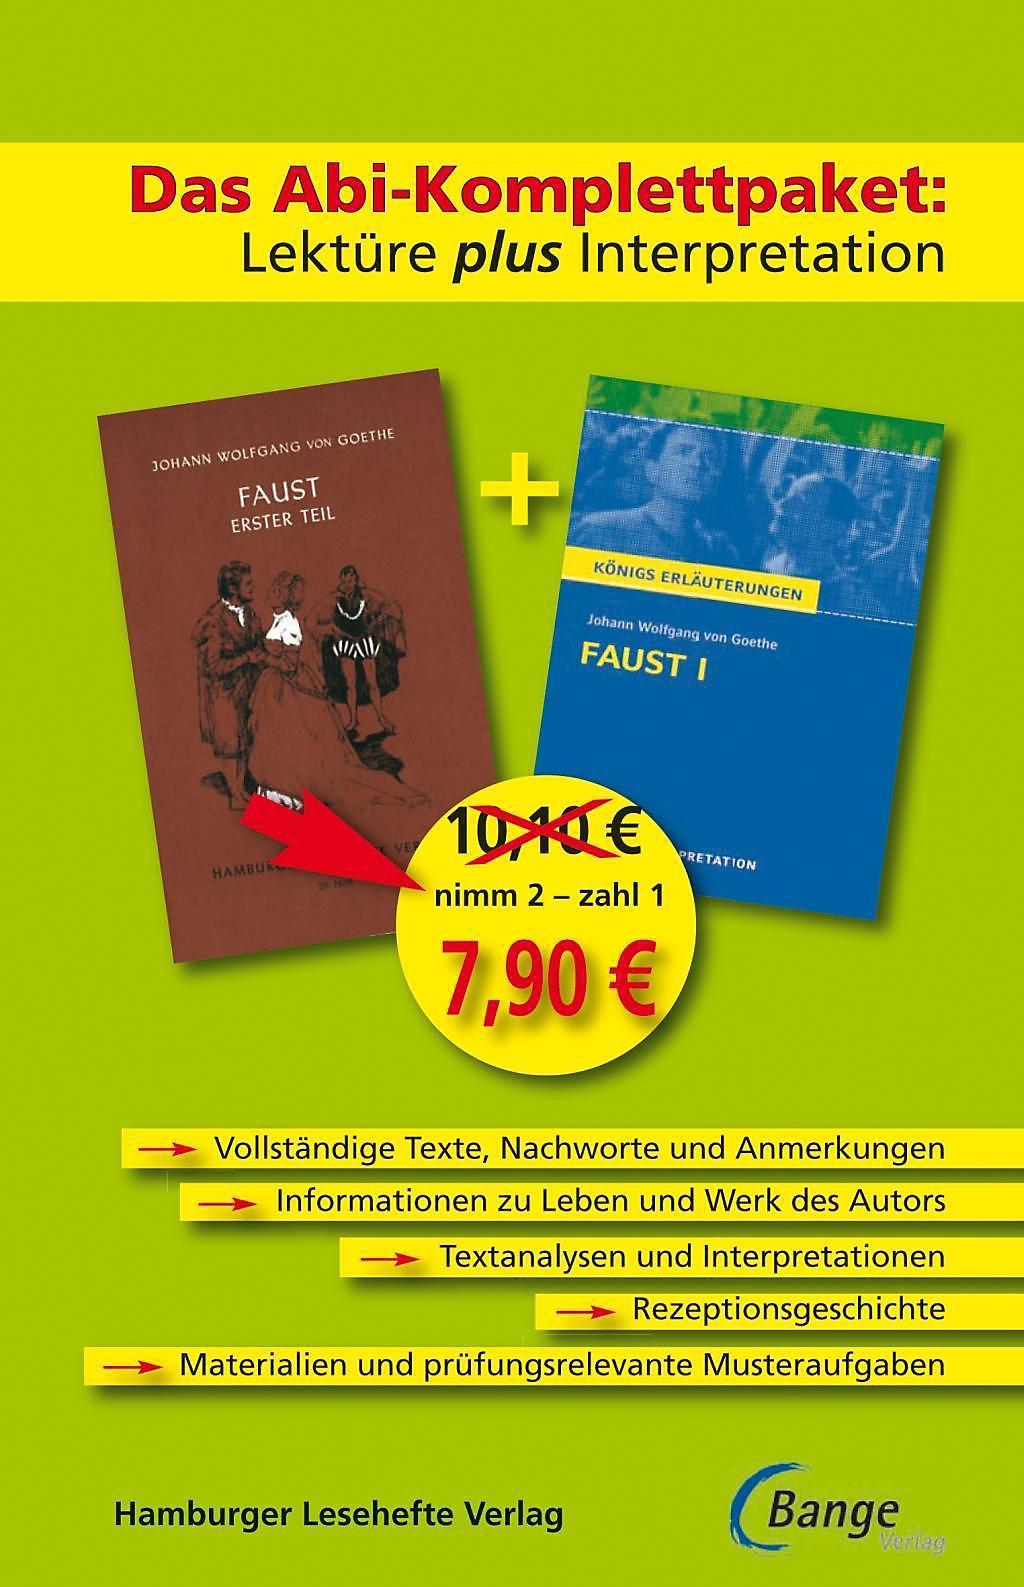 Faust I Lektüre Plus Interpretation Buch Bestellen Weltbildde